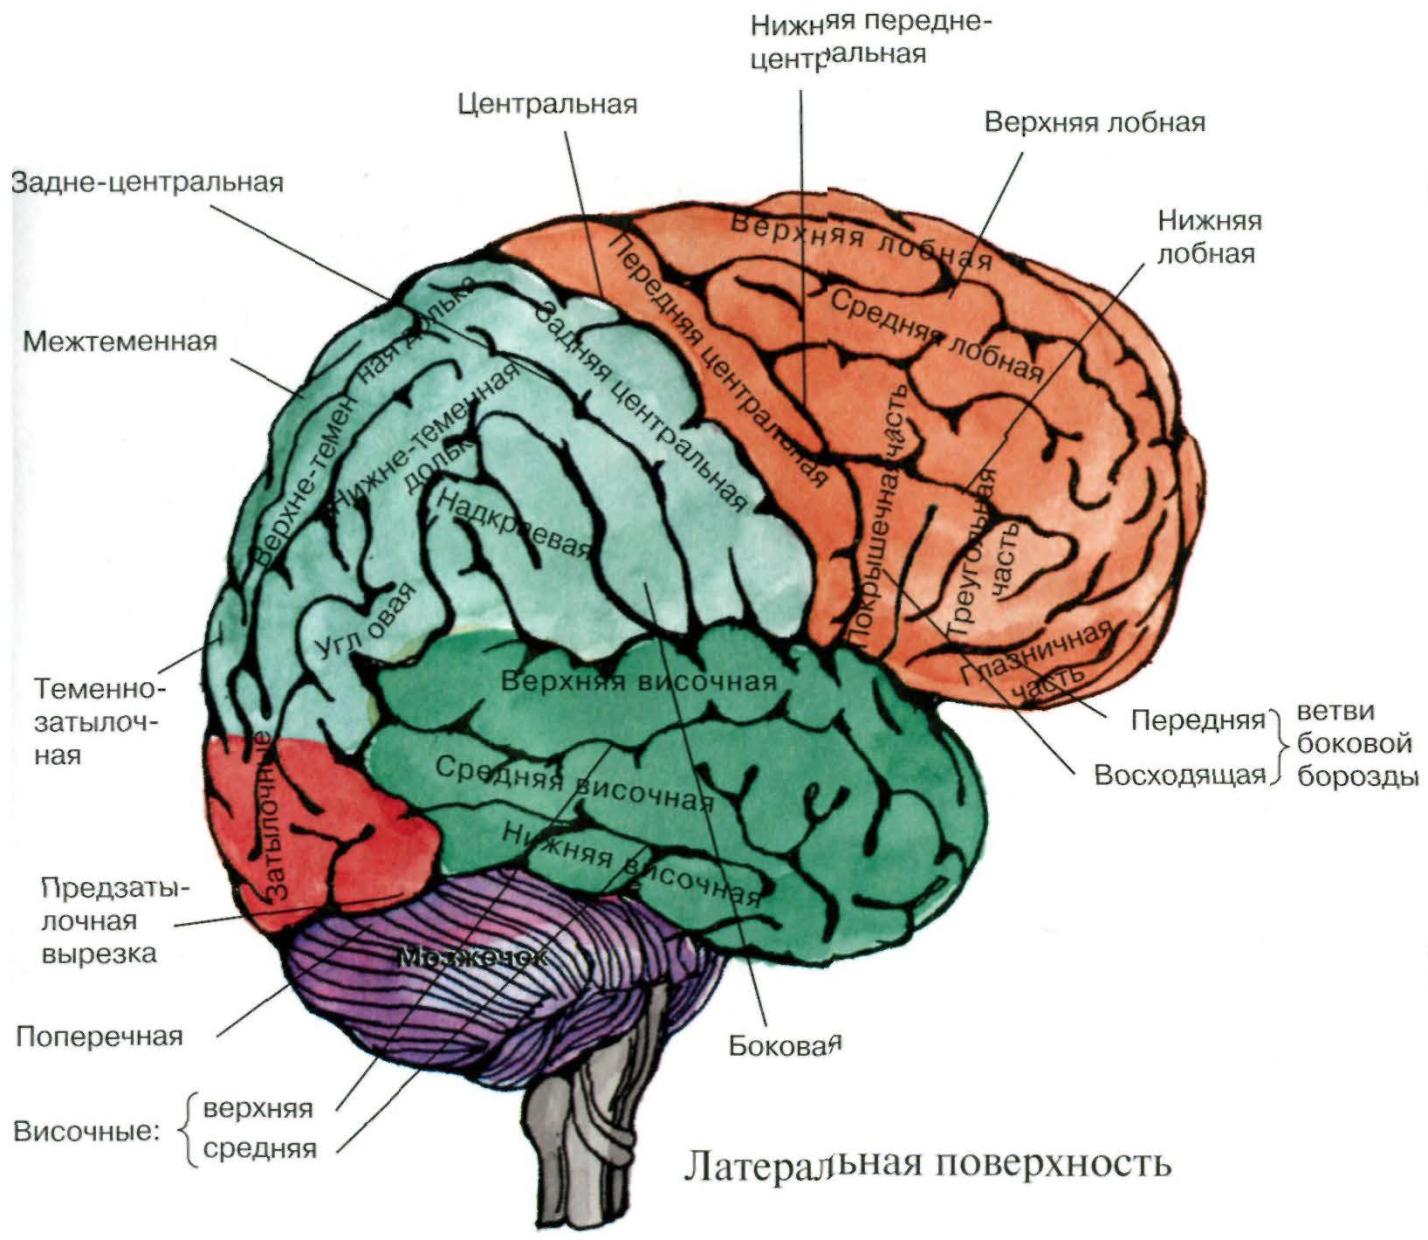 большие полушария мозга картинка перед